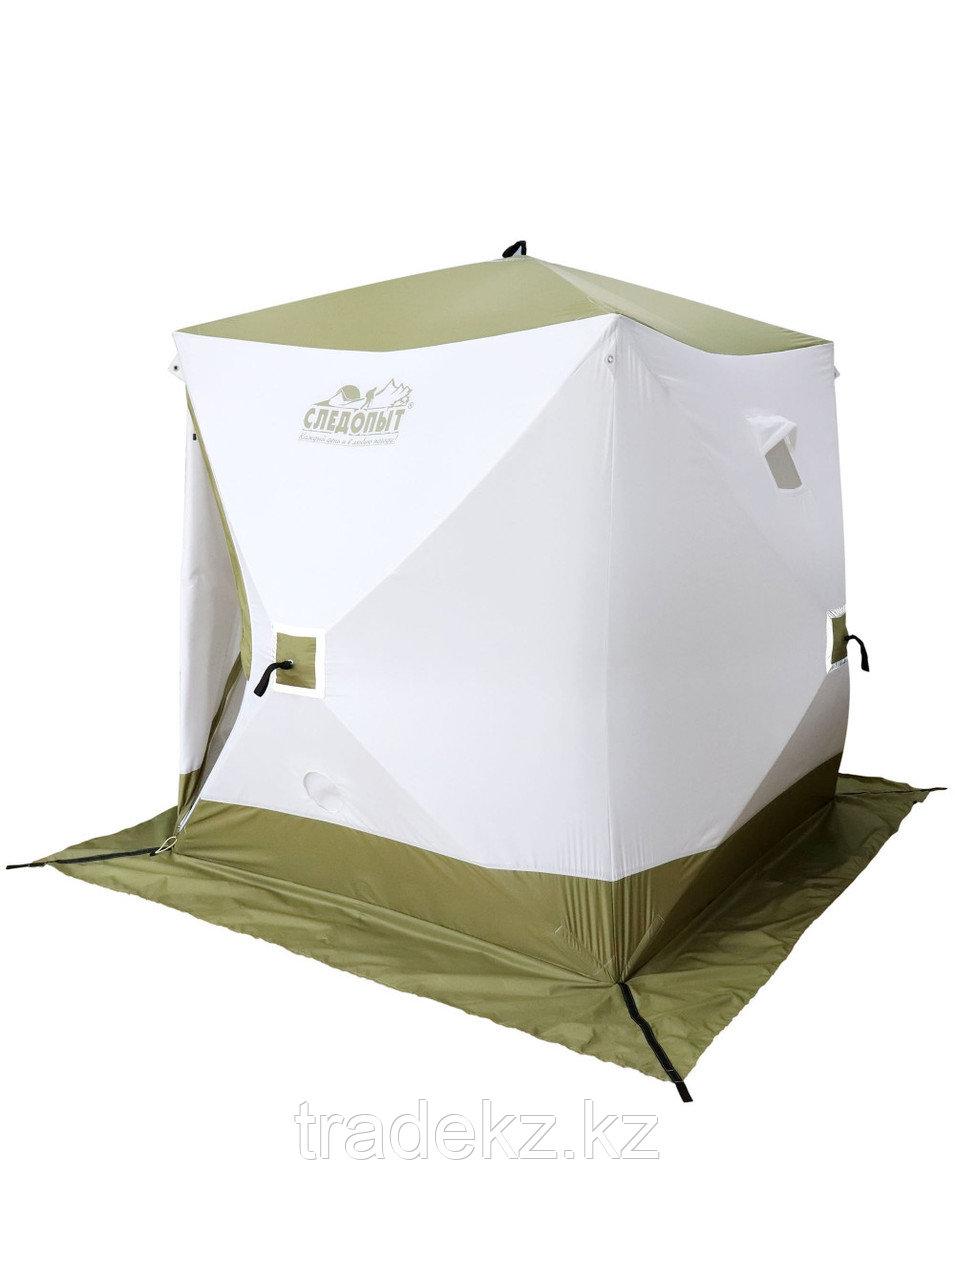 Палатка для зимней рыбалки PF-TW-14 Куб Следопыт Premium 2,1х2,1